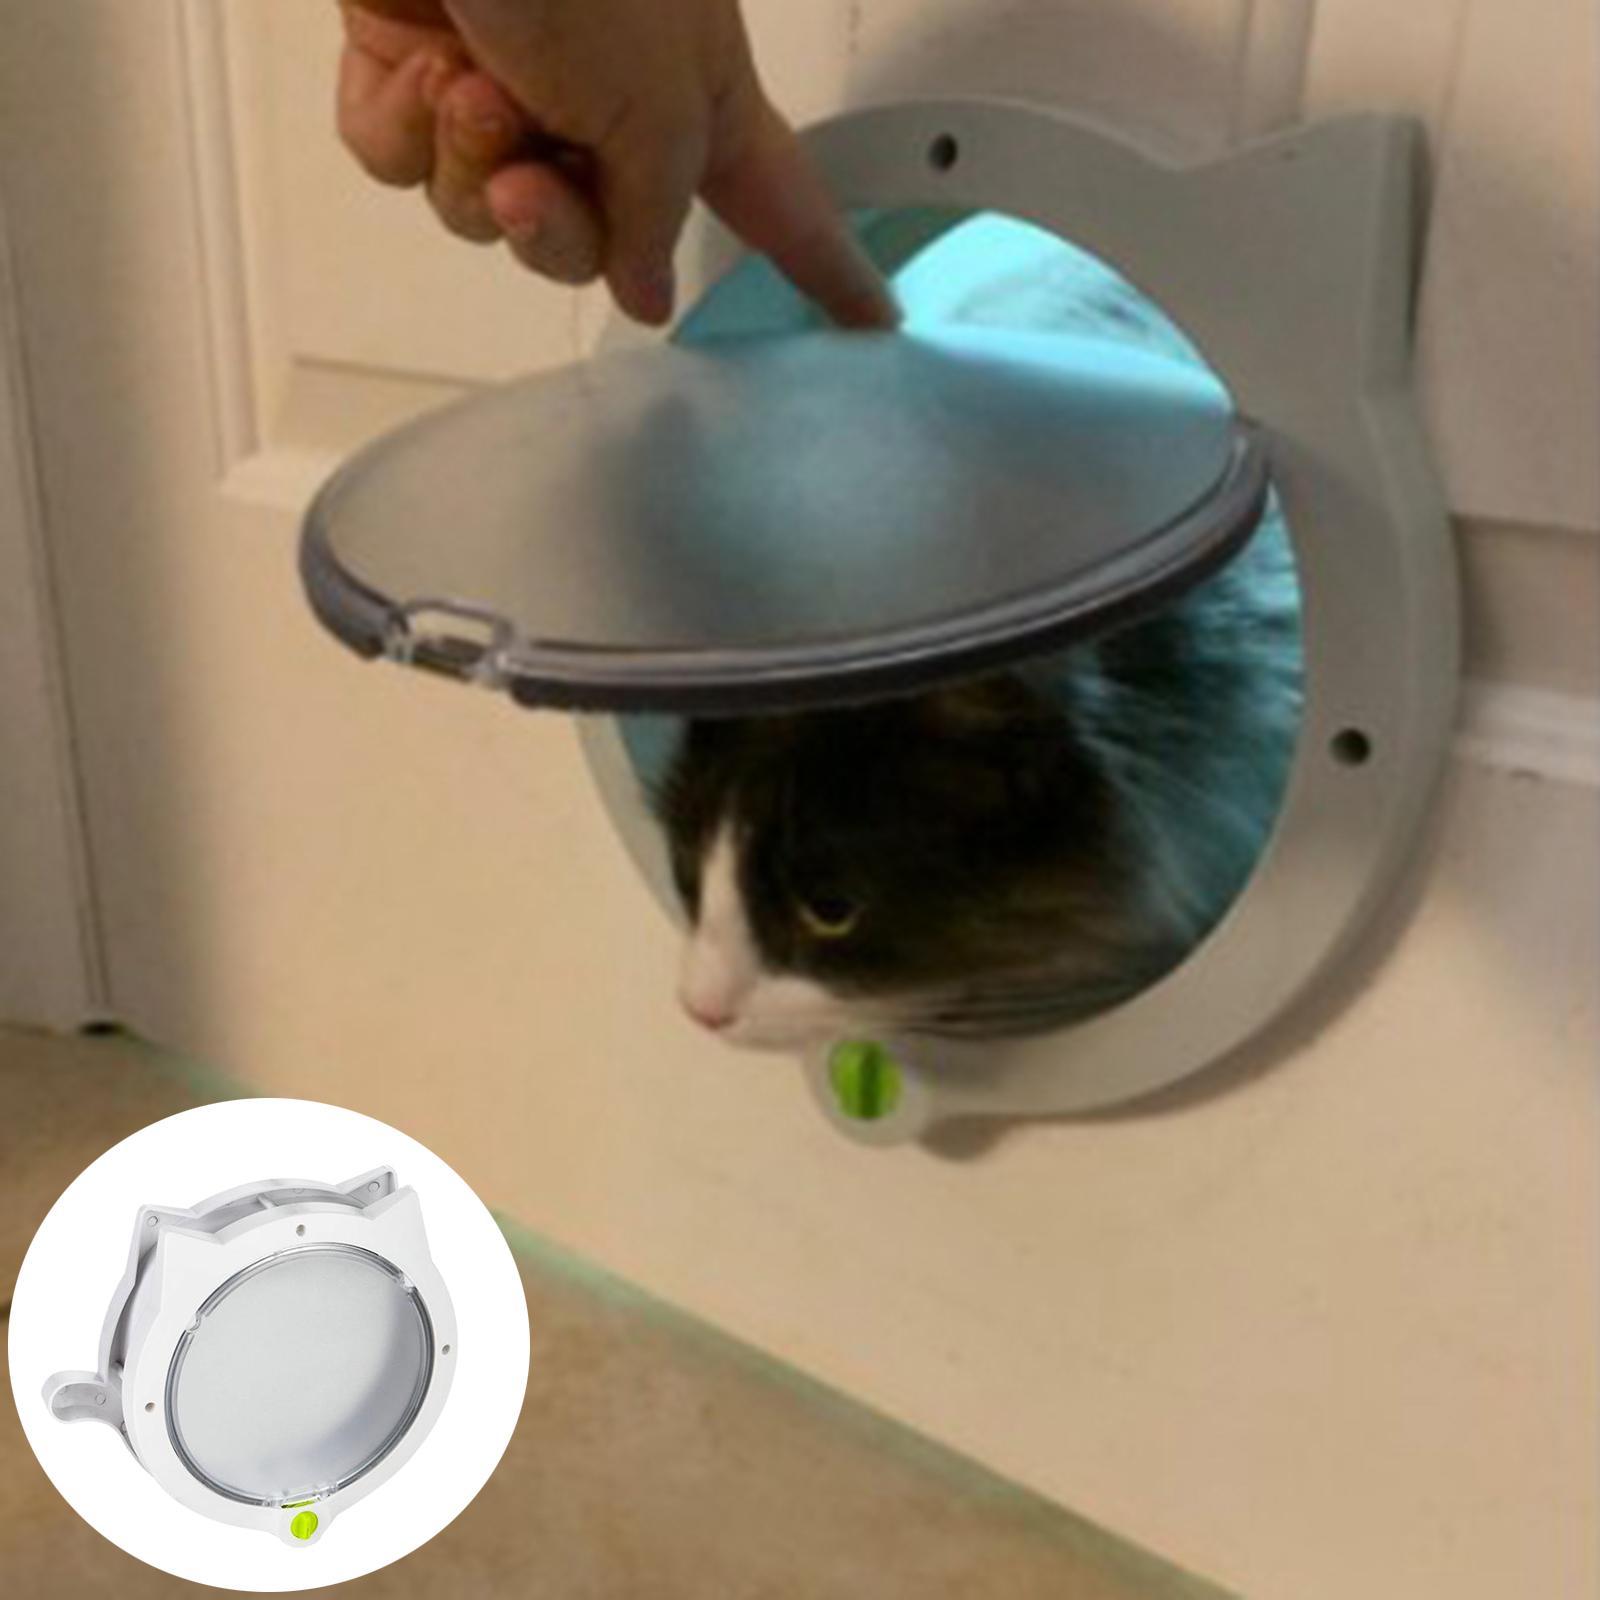 4 Way Lock Small Cat Hundeklappe Tür versteckte Wurfkiste Haustier Tür für Innen- / Außentüren Eintrittsausgang